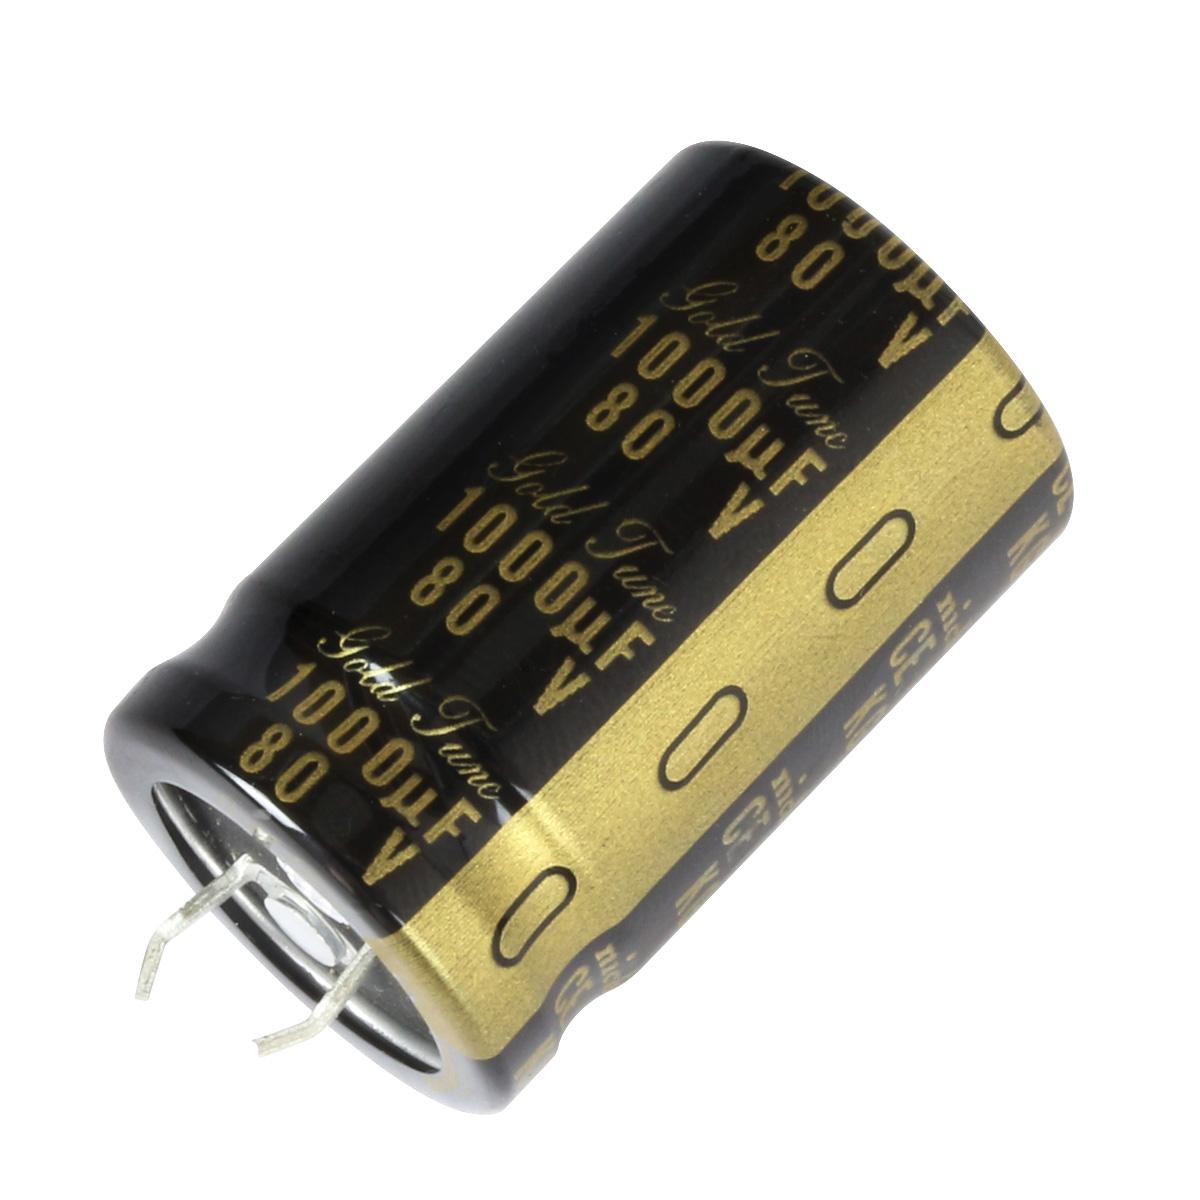 NICHICON KG GOLD TUNE HiFi Audio Capacitor 50V 2200μF